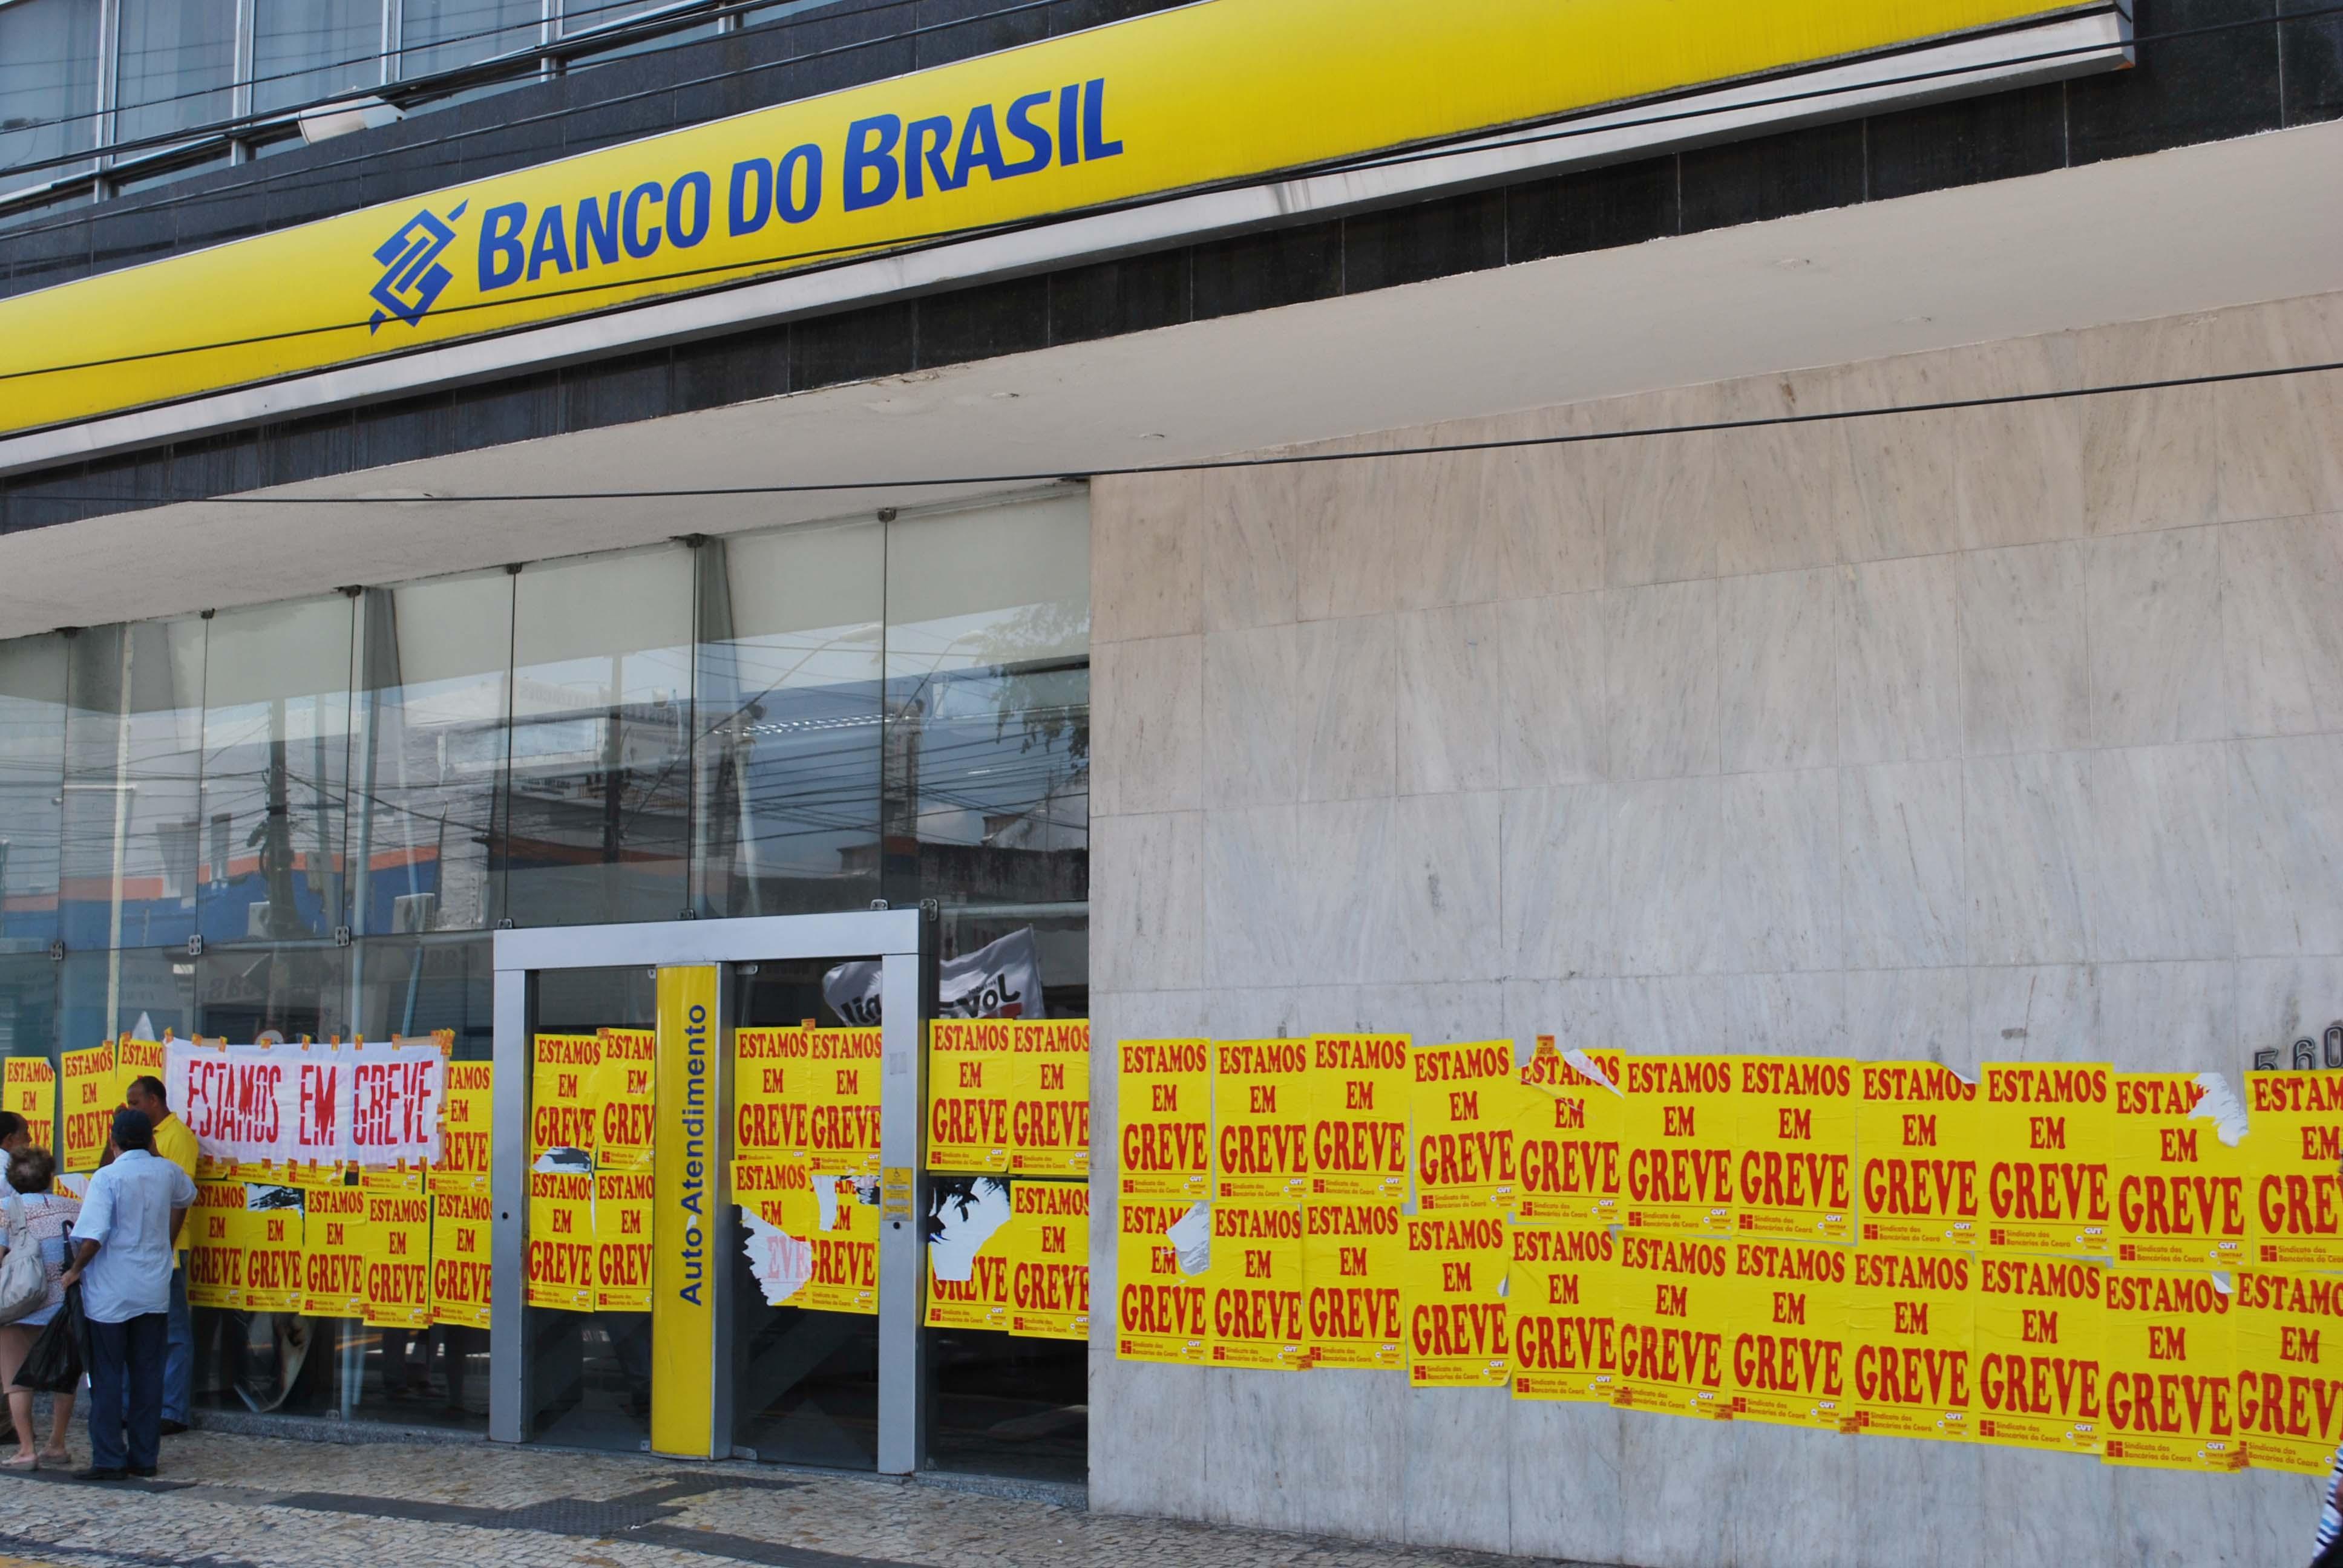 Bancários estão em greve há 22 dias (FOTO: Divulgação)